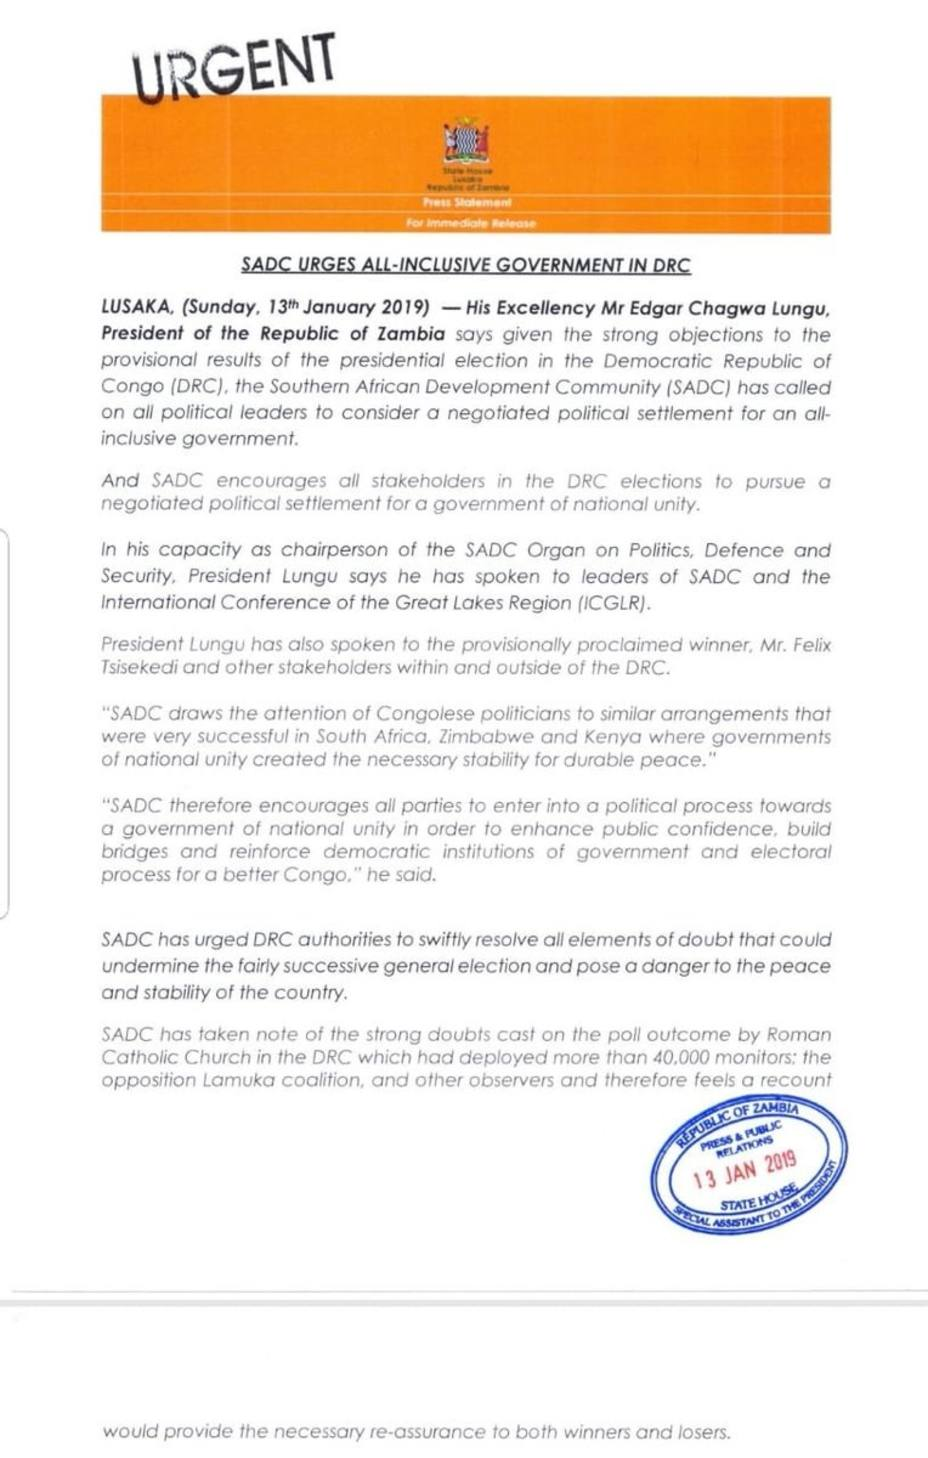 Los estados sudafricanos recomiendan a las autoridades congoleñas que se planteen un Gobierno de unidad